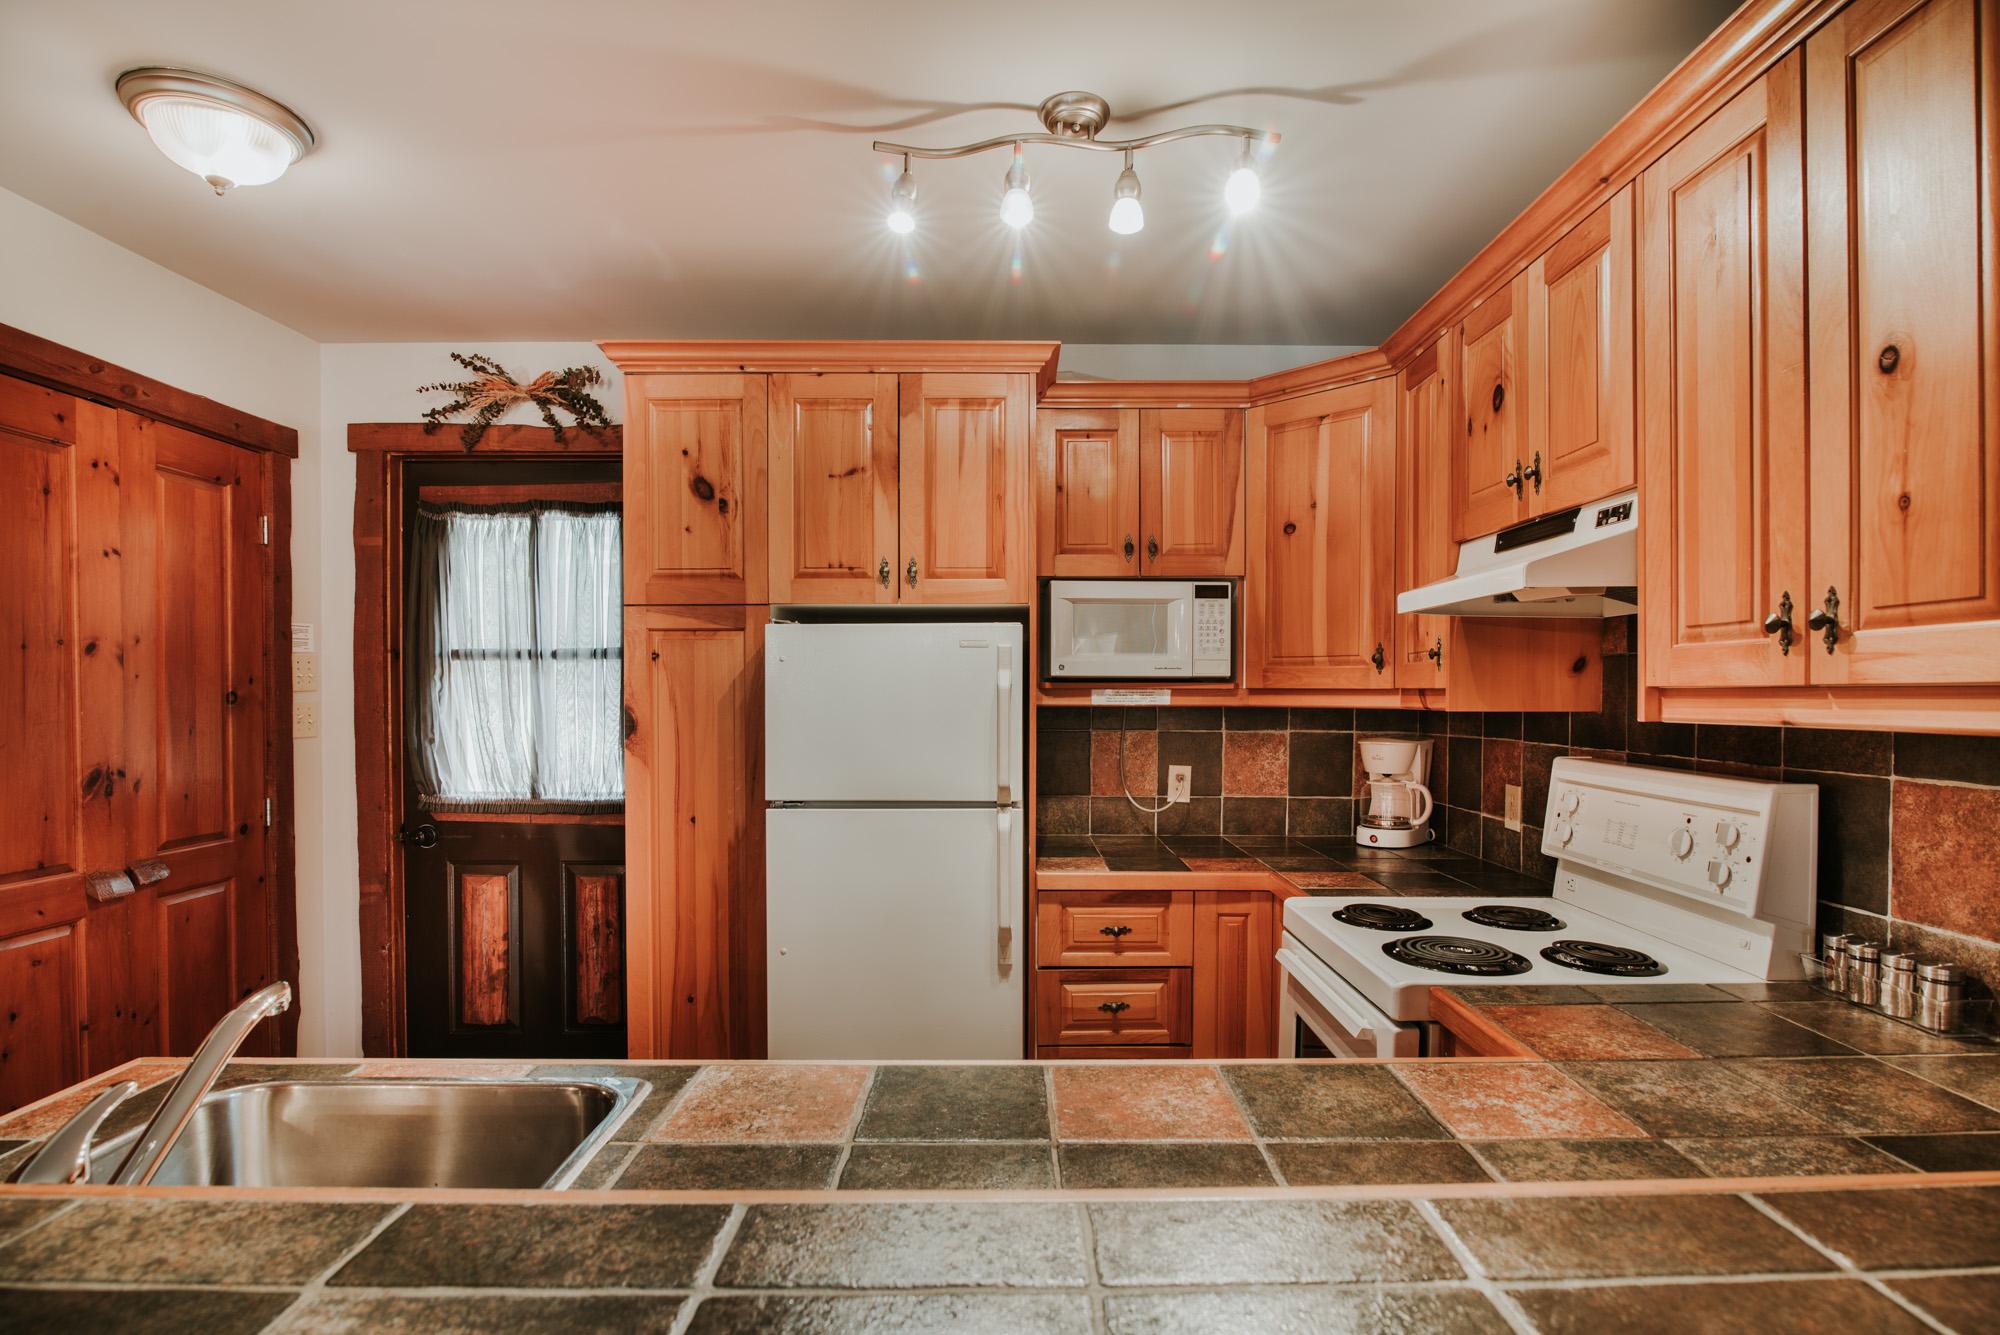 Une chambre cuisine 2 web royal laurentien - Une royale en cuisine ...